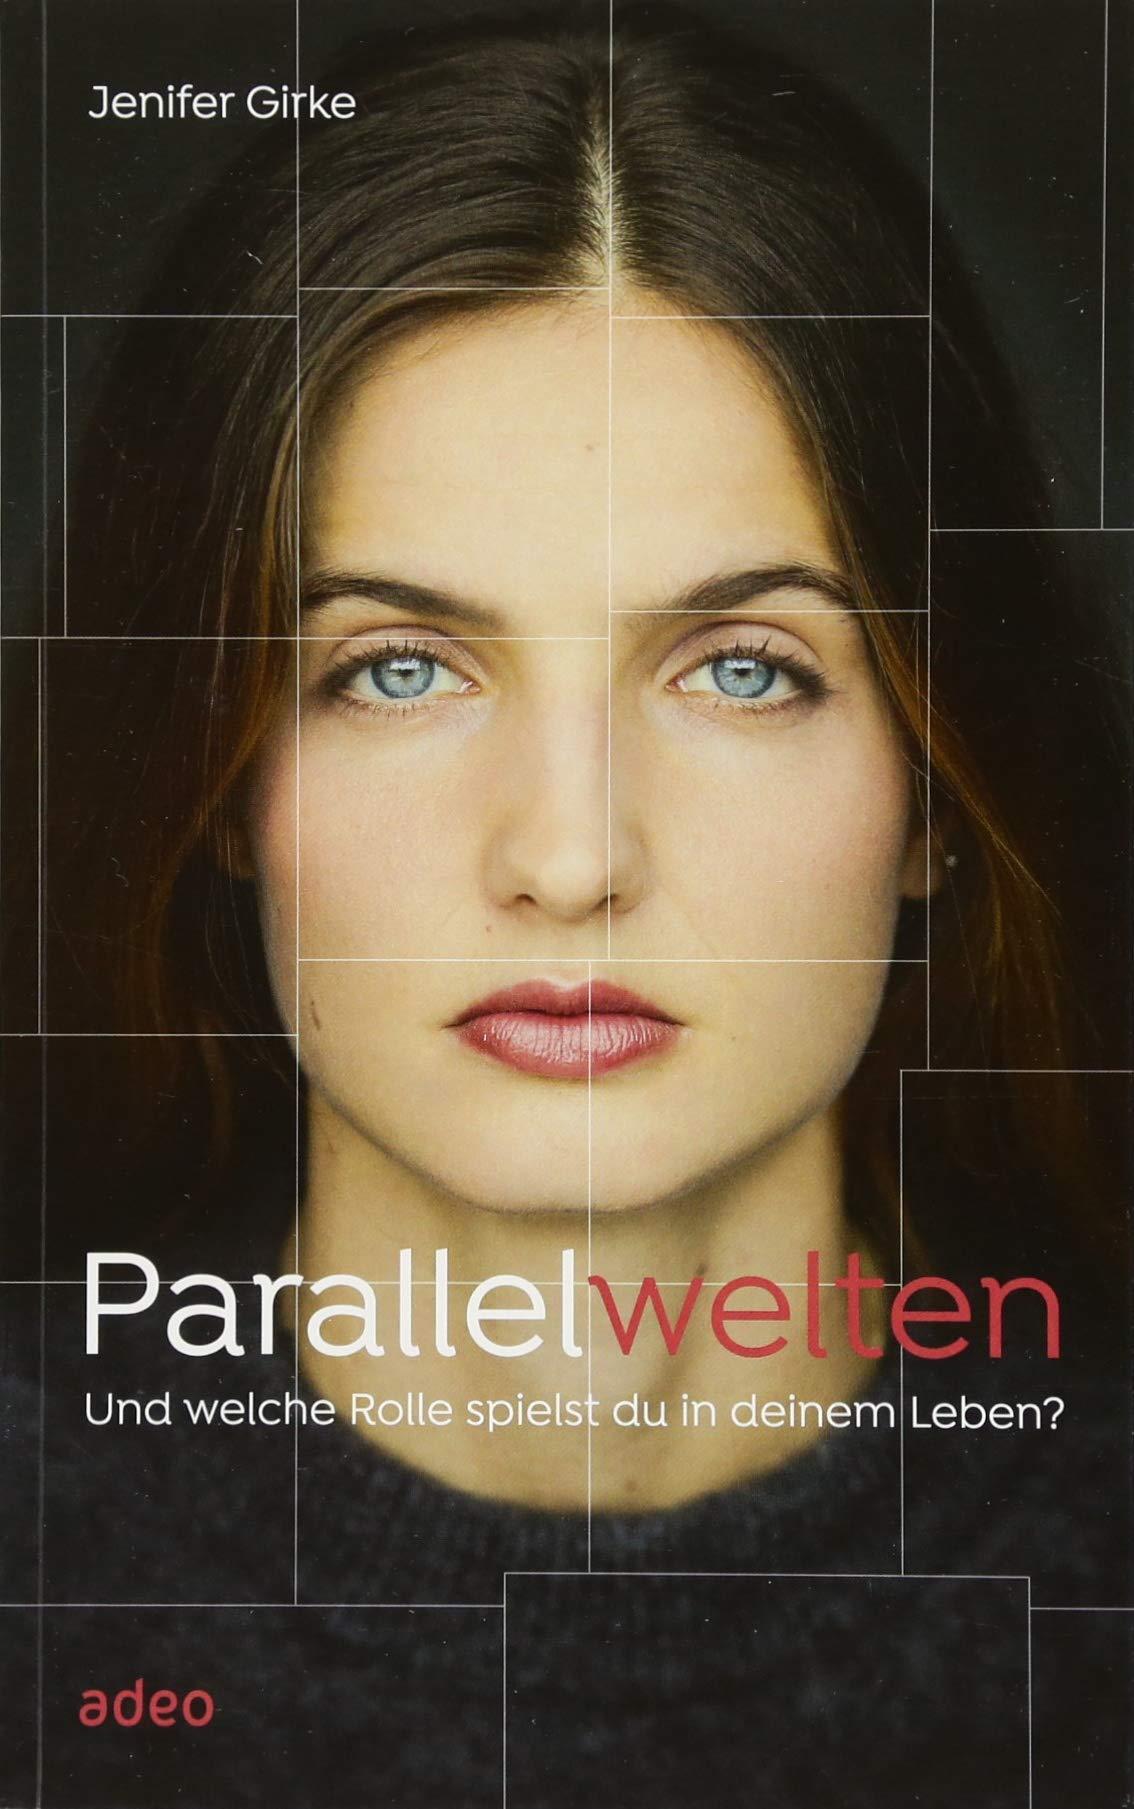 Parallelwelten: Und welche Rolle spielst du in deinem Leben?